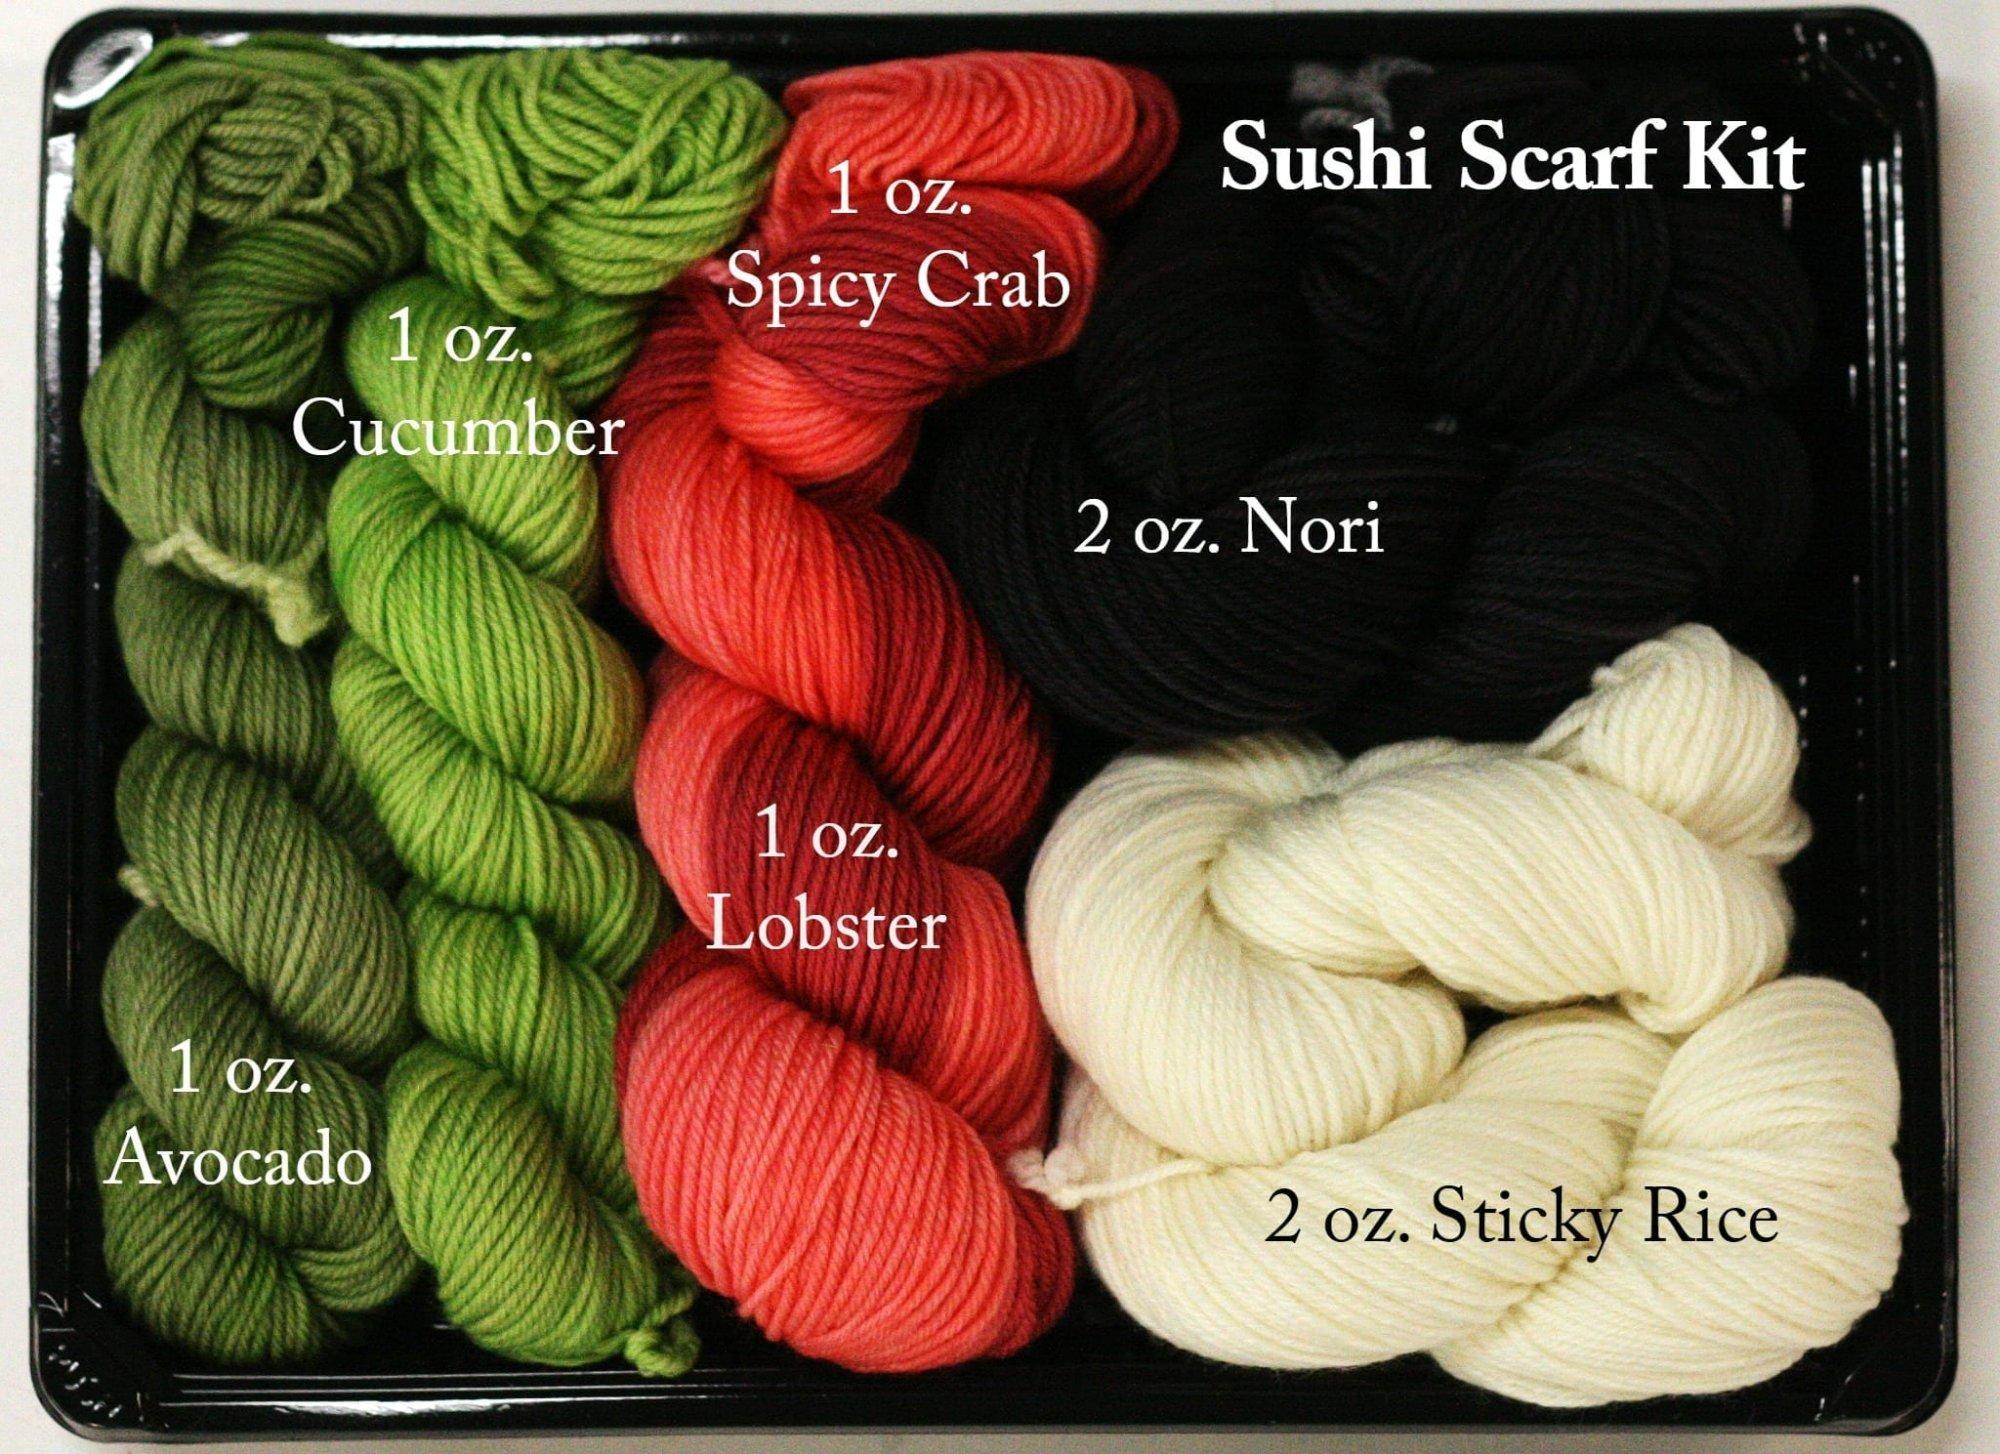 Sushi Scarf Kit